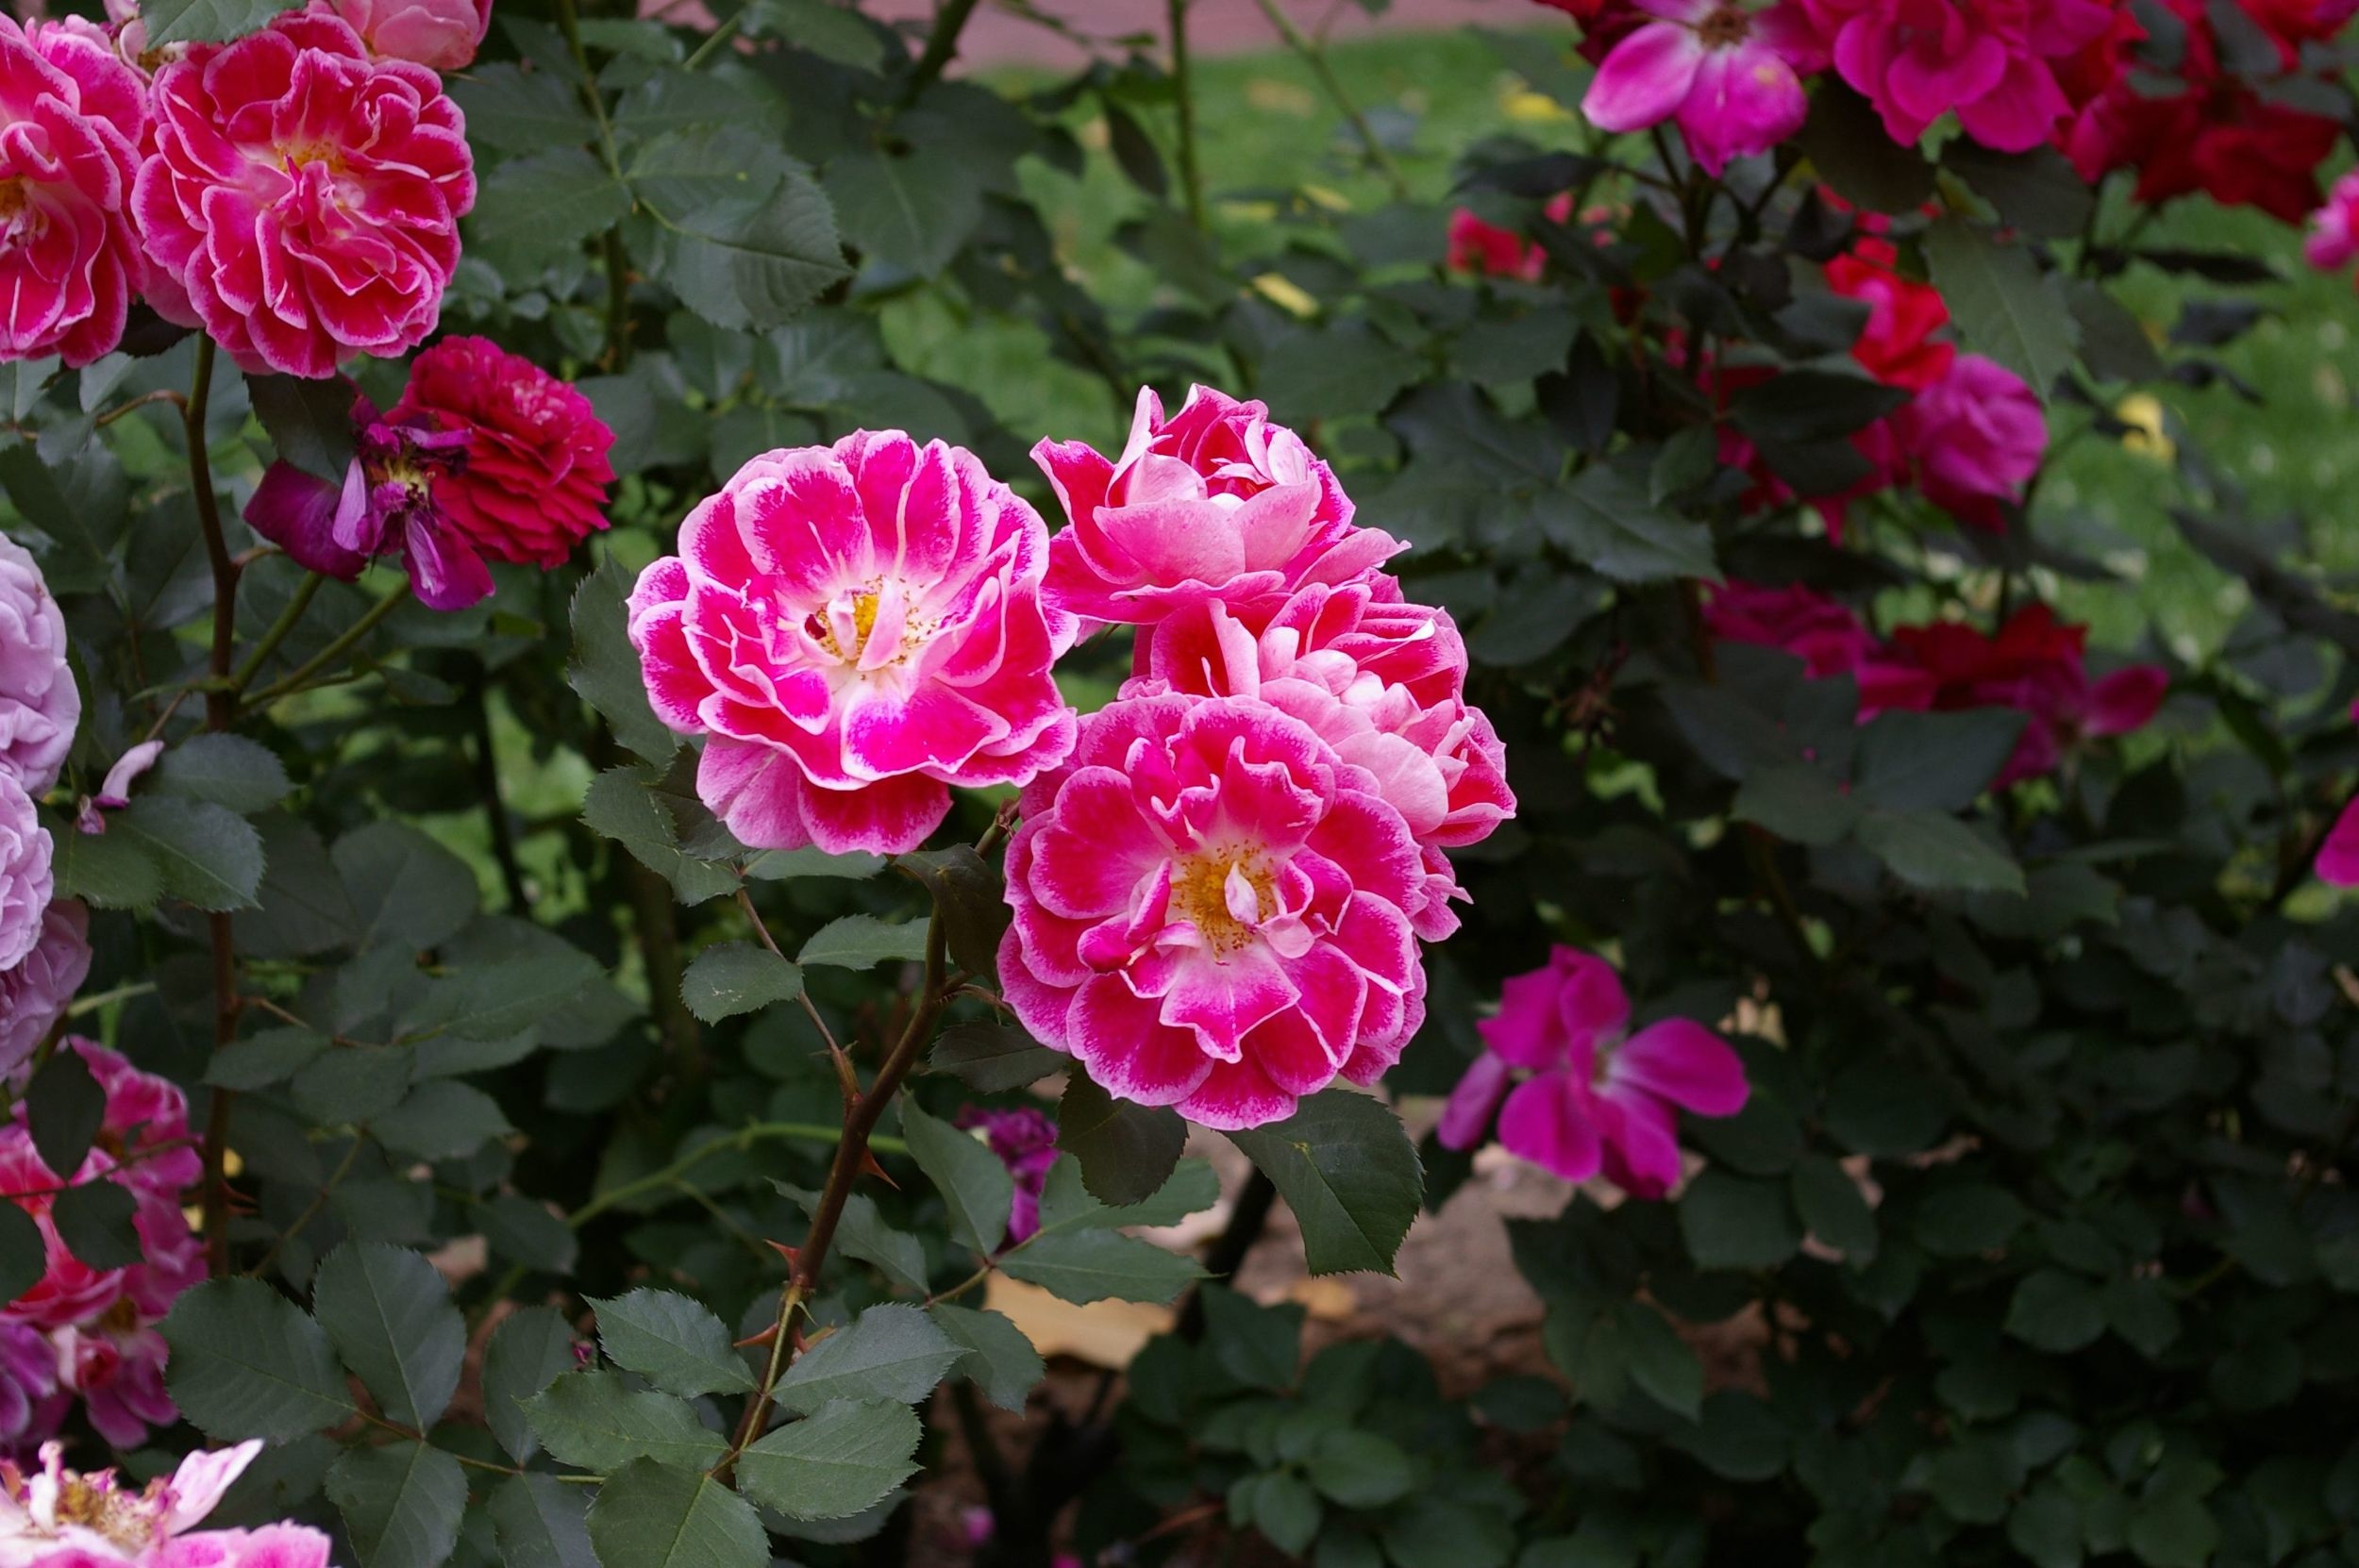 Light edged roses